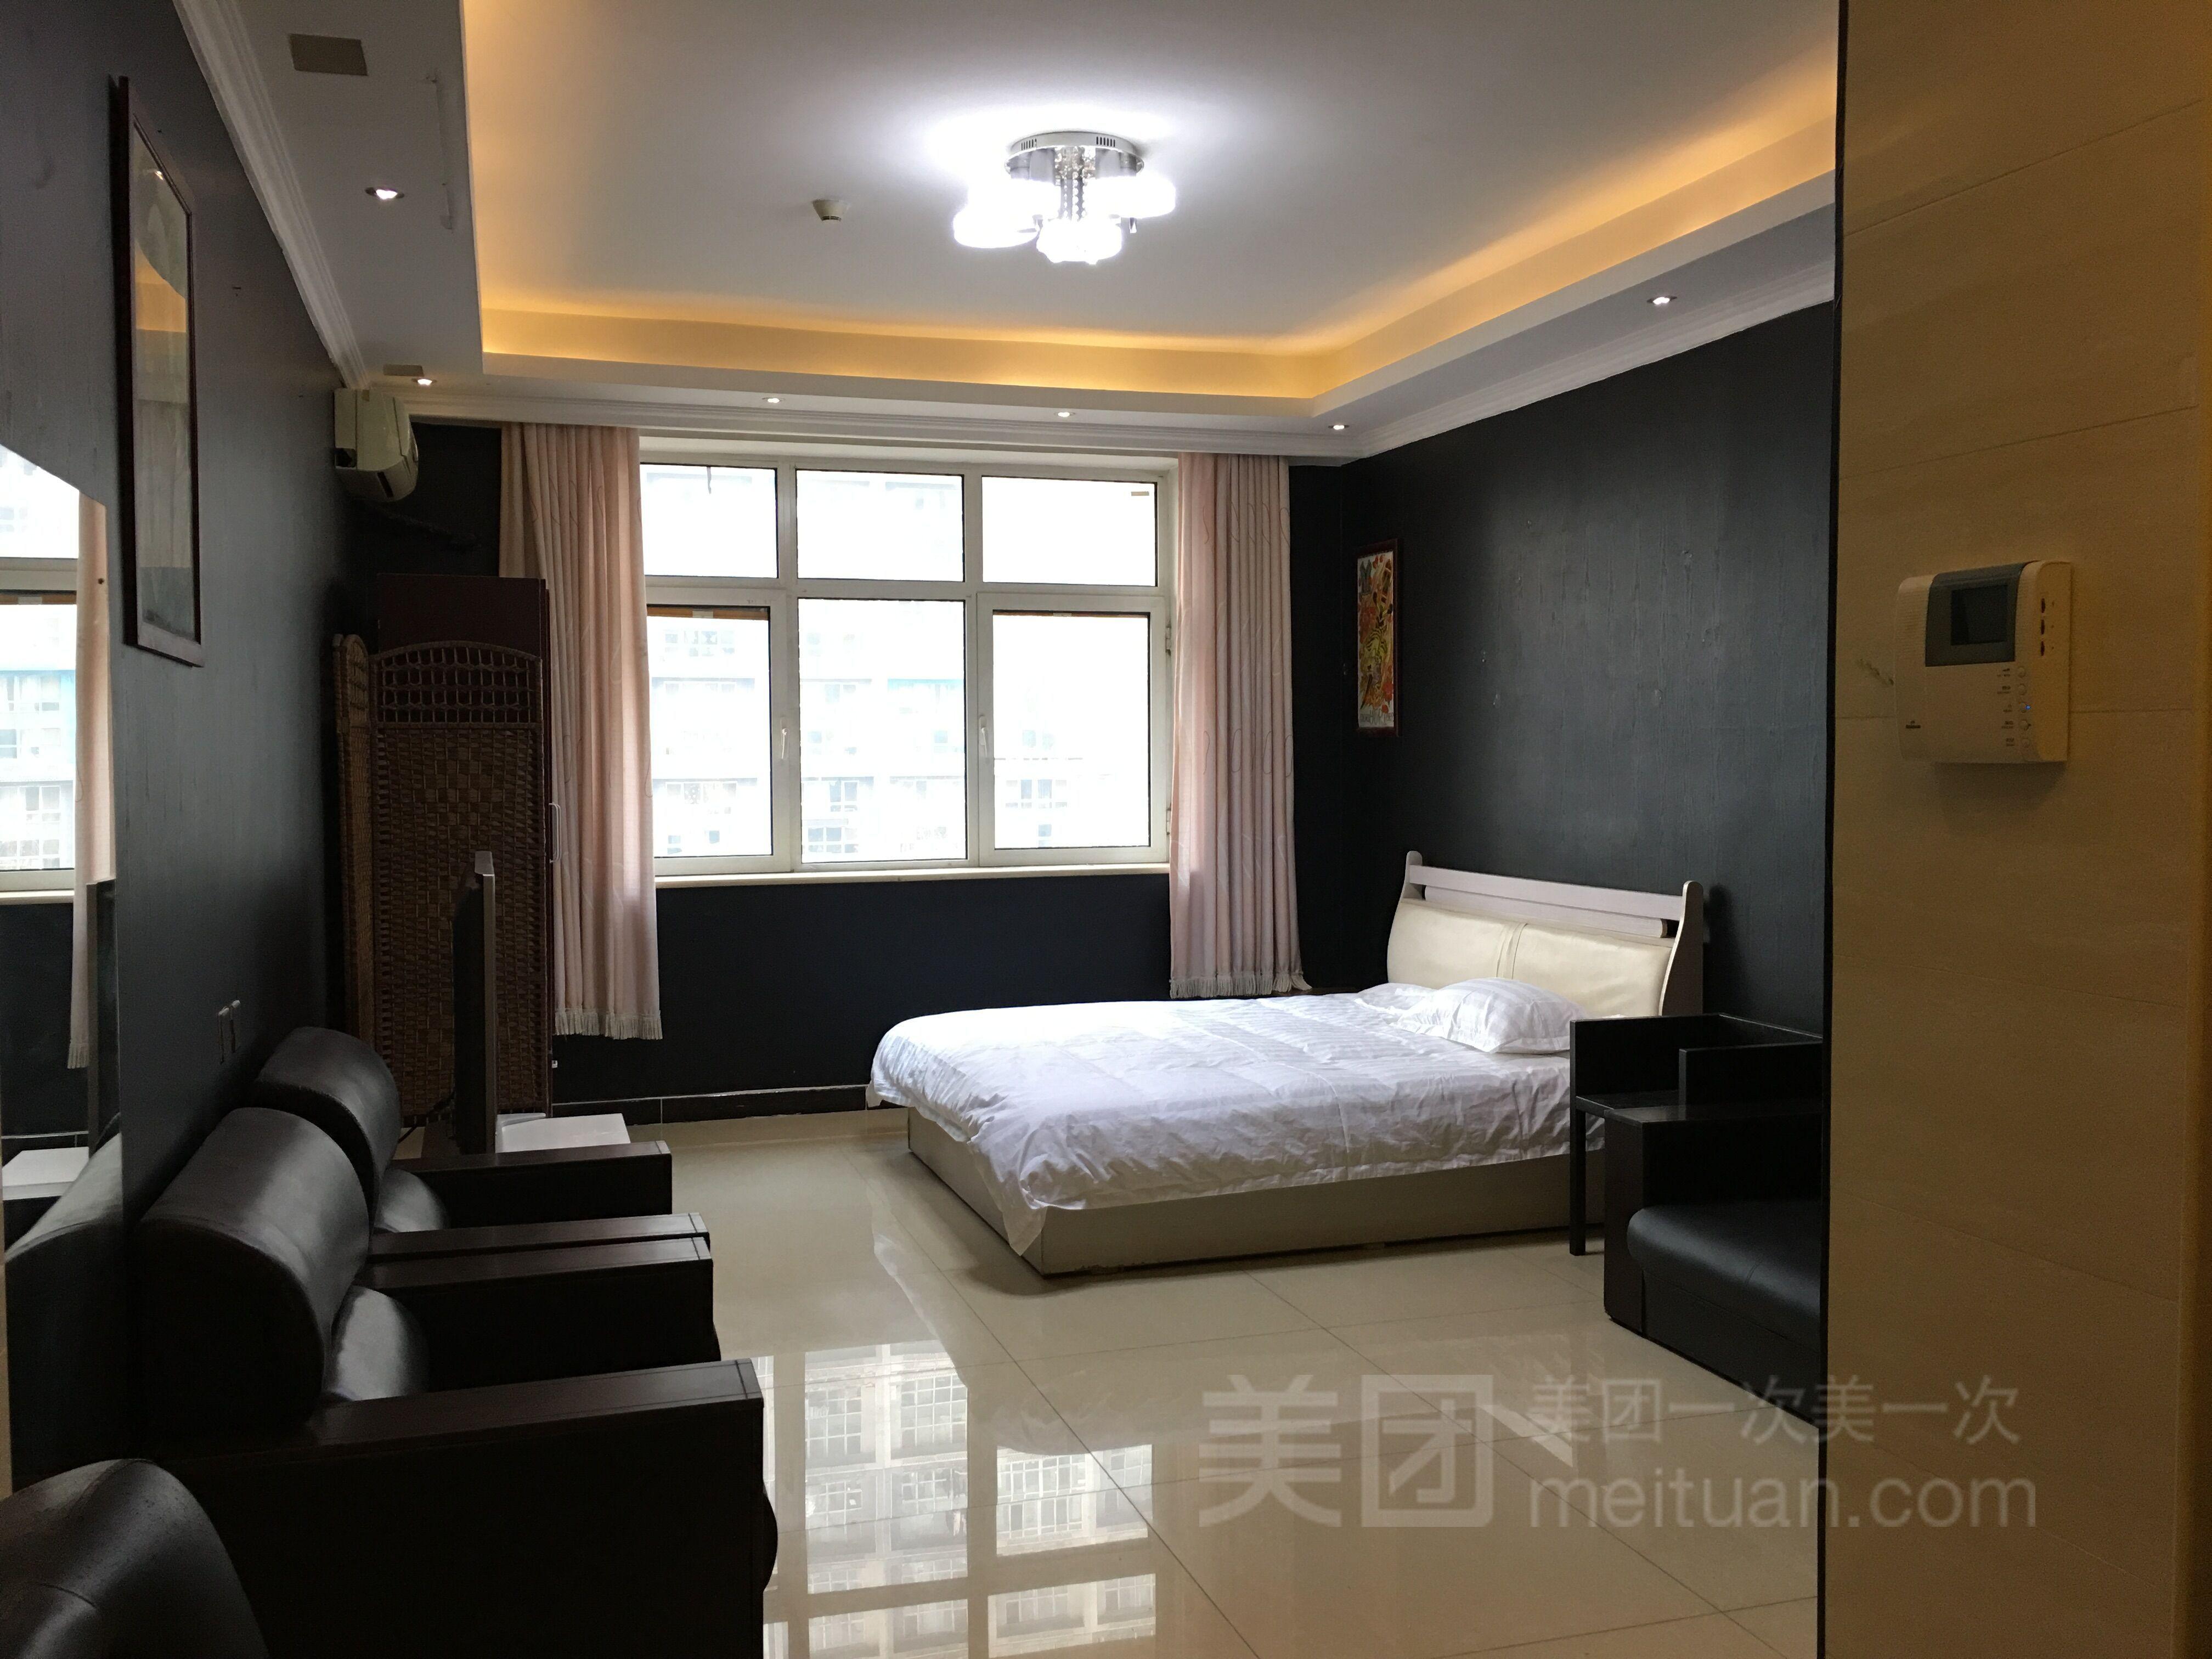 熊猫酒店式公寓预订/团购